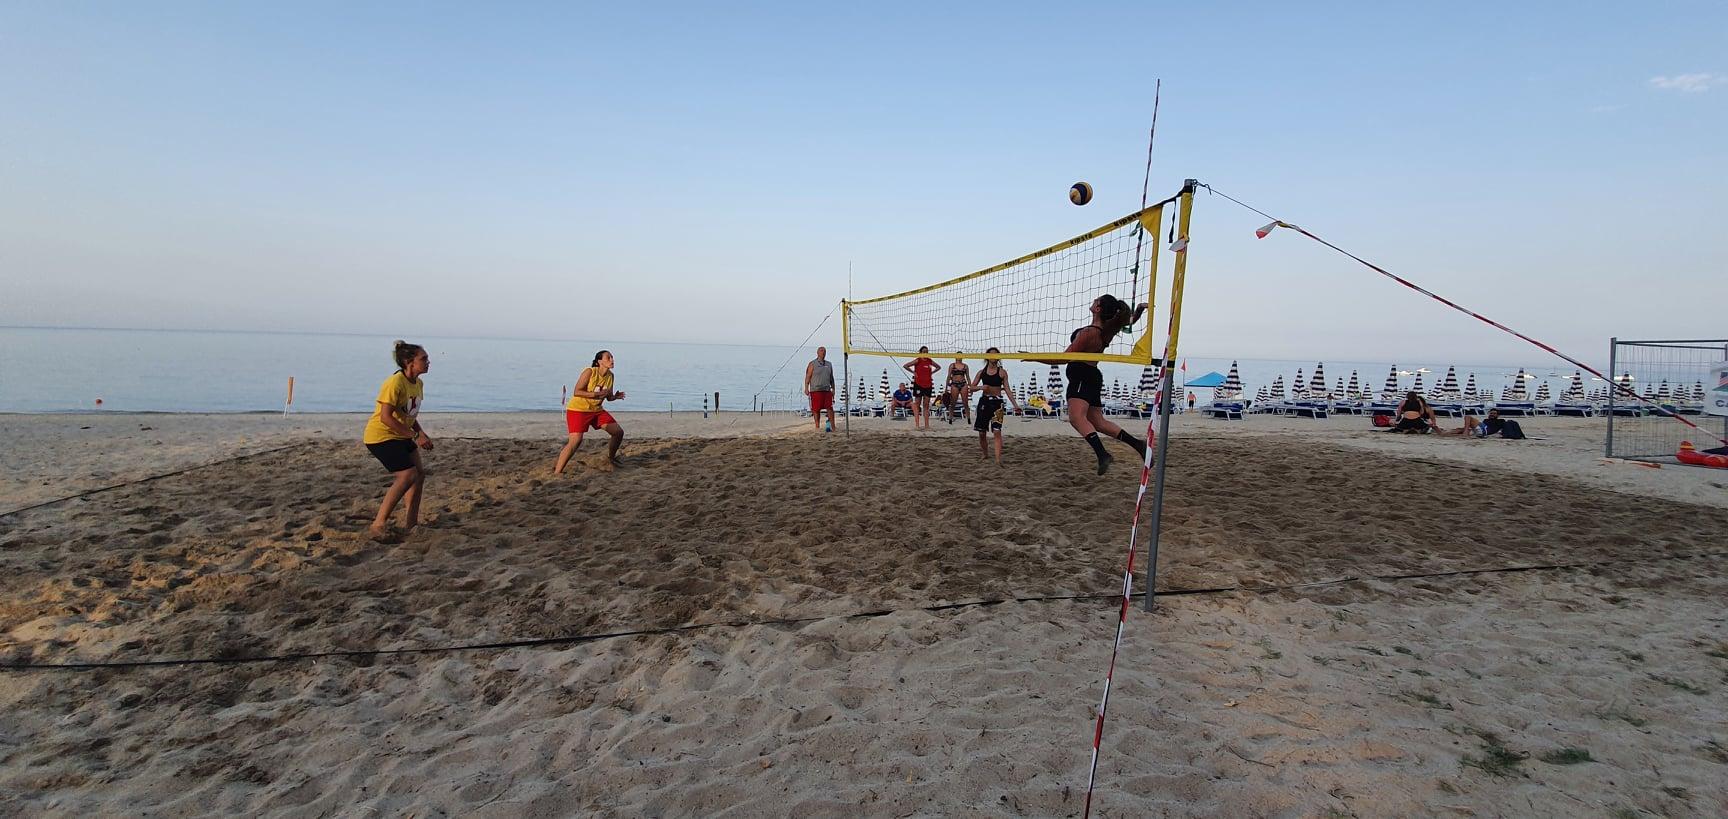 foto_beach_volley_pgs_calabria